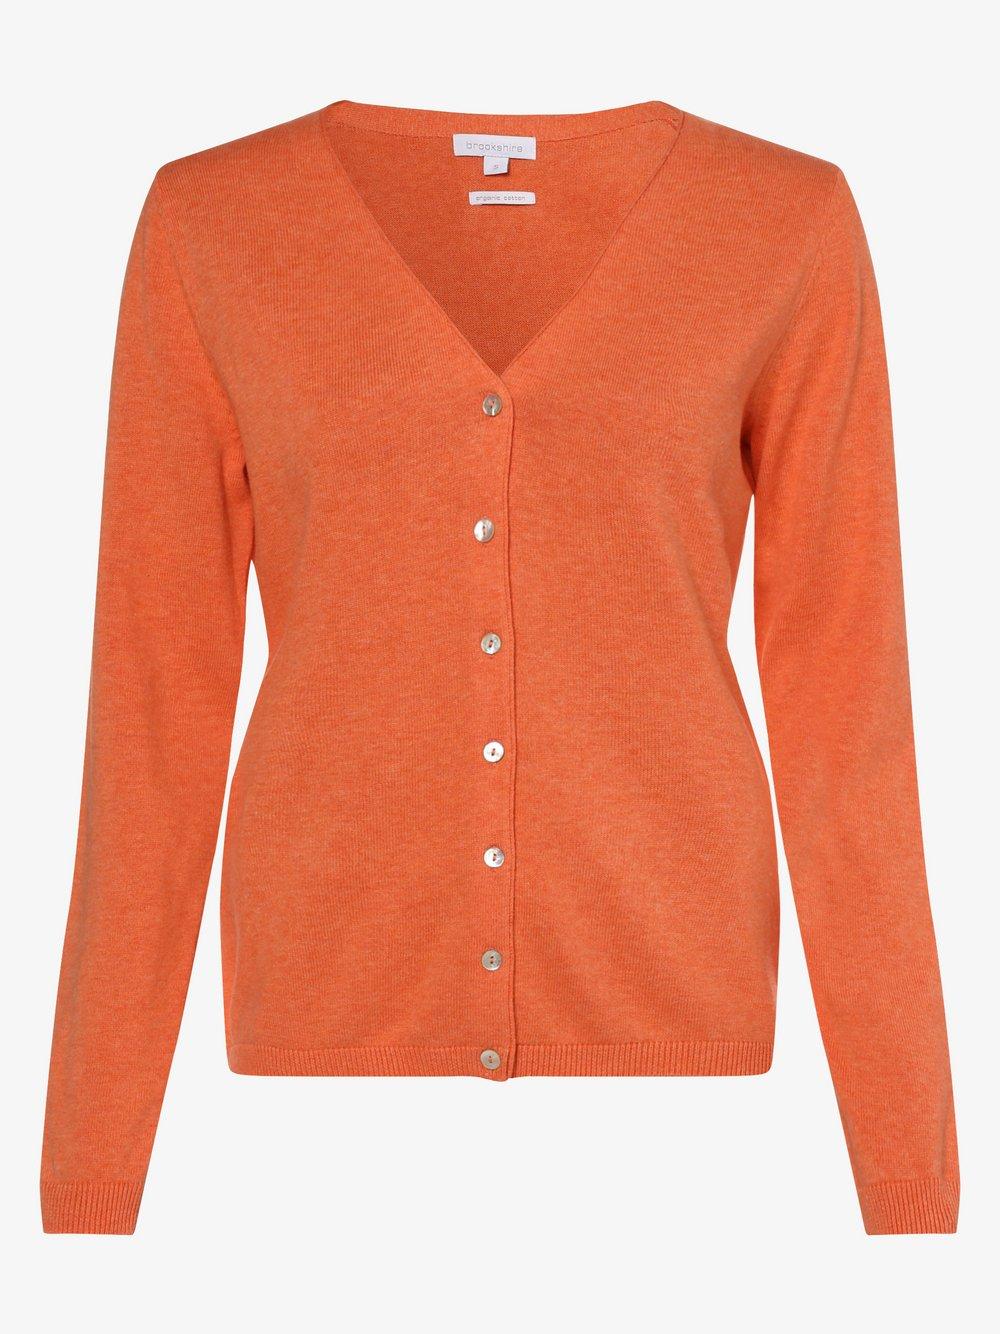 brookshire - Kardigan damski, pomarańczowy